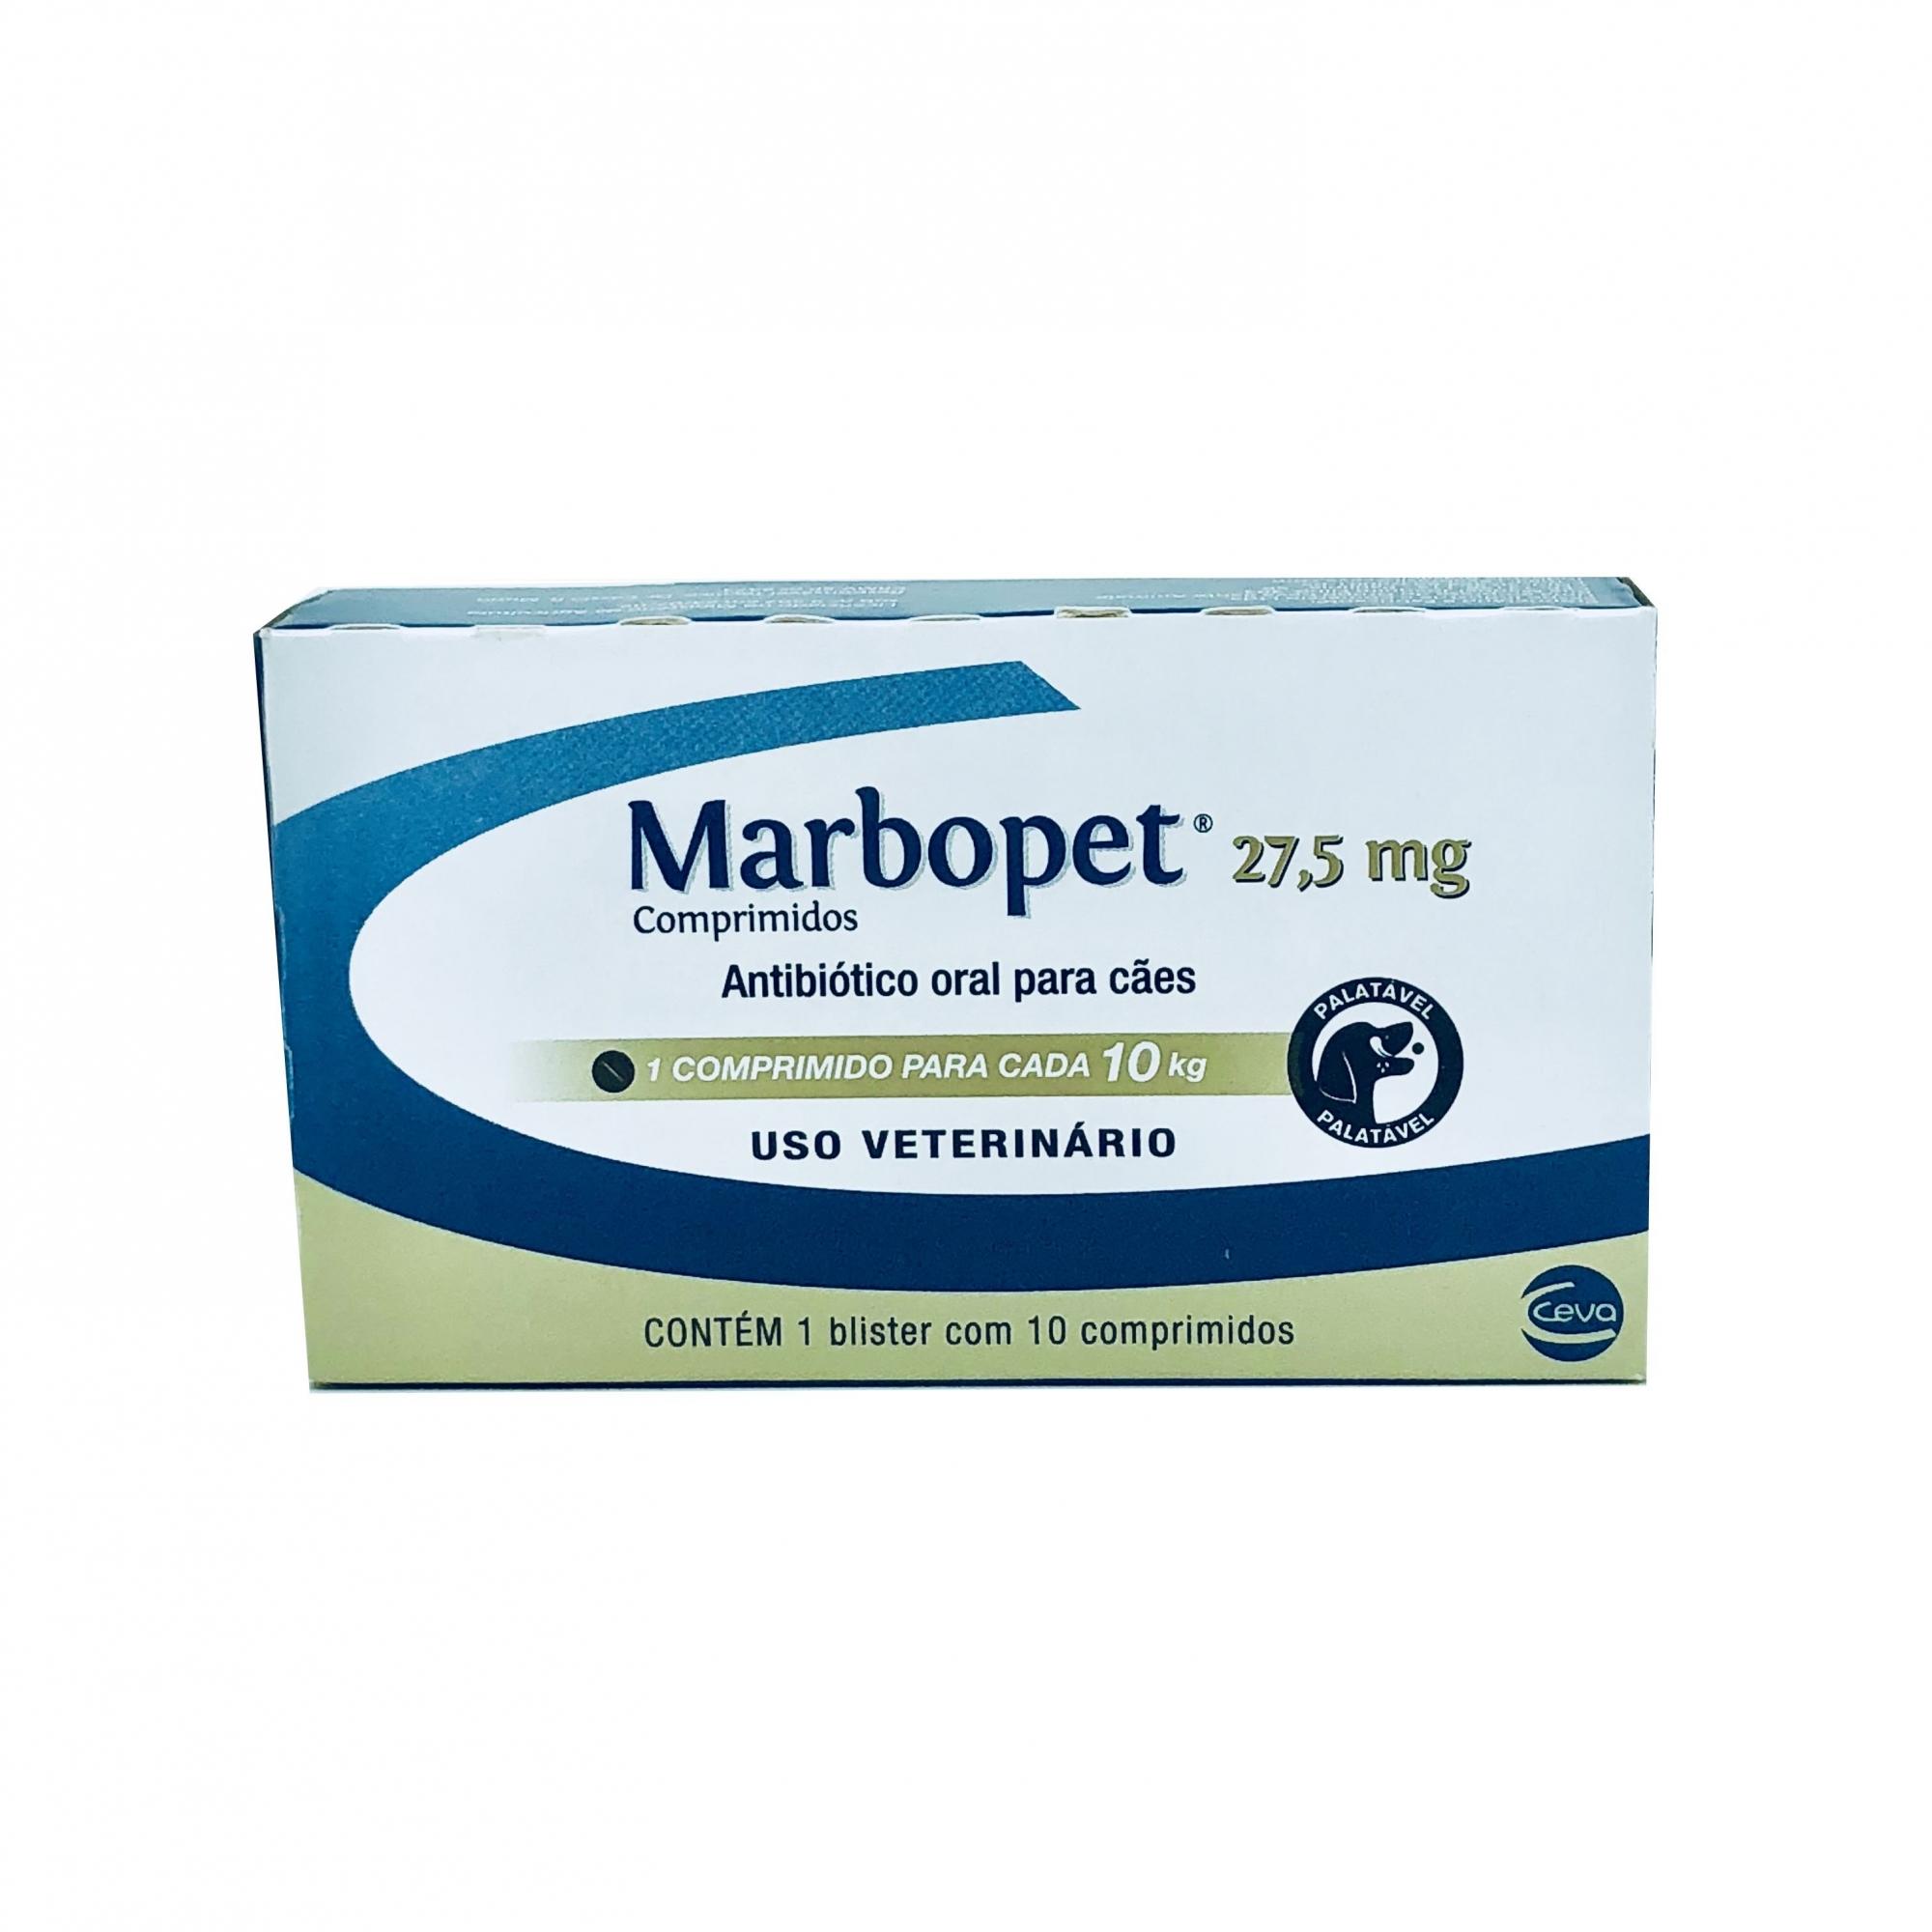 Antibiótico Marbopet 27,5 mg Ceva 10 Comprimidos